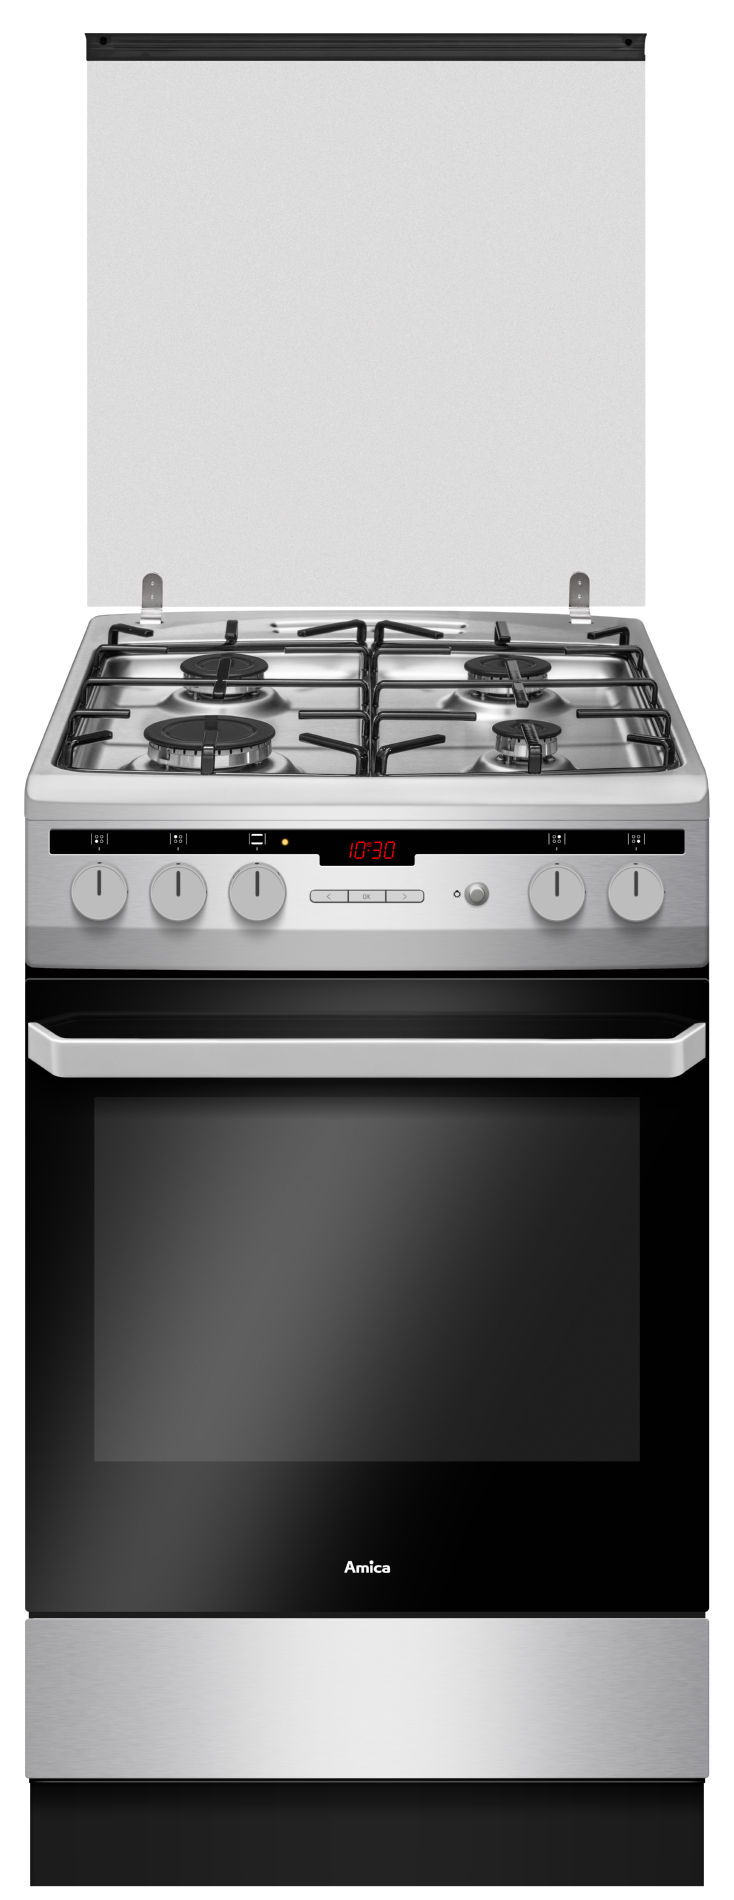 Kuchnia wolnostojąca gazowa 58GGD4 33HZpTabNQ(Xx)  Amica -> Kuchnia Amica Do Zabudowy Instrukcja Obslugi